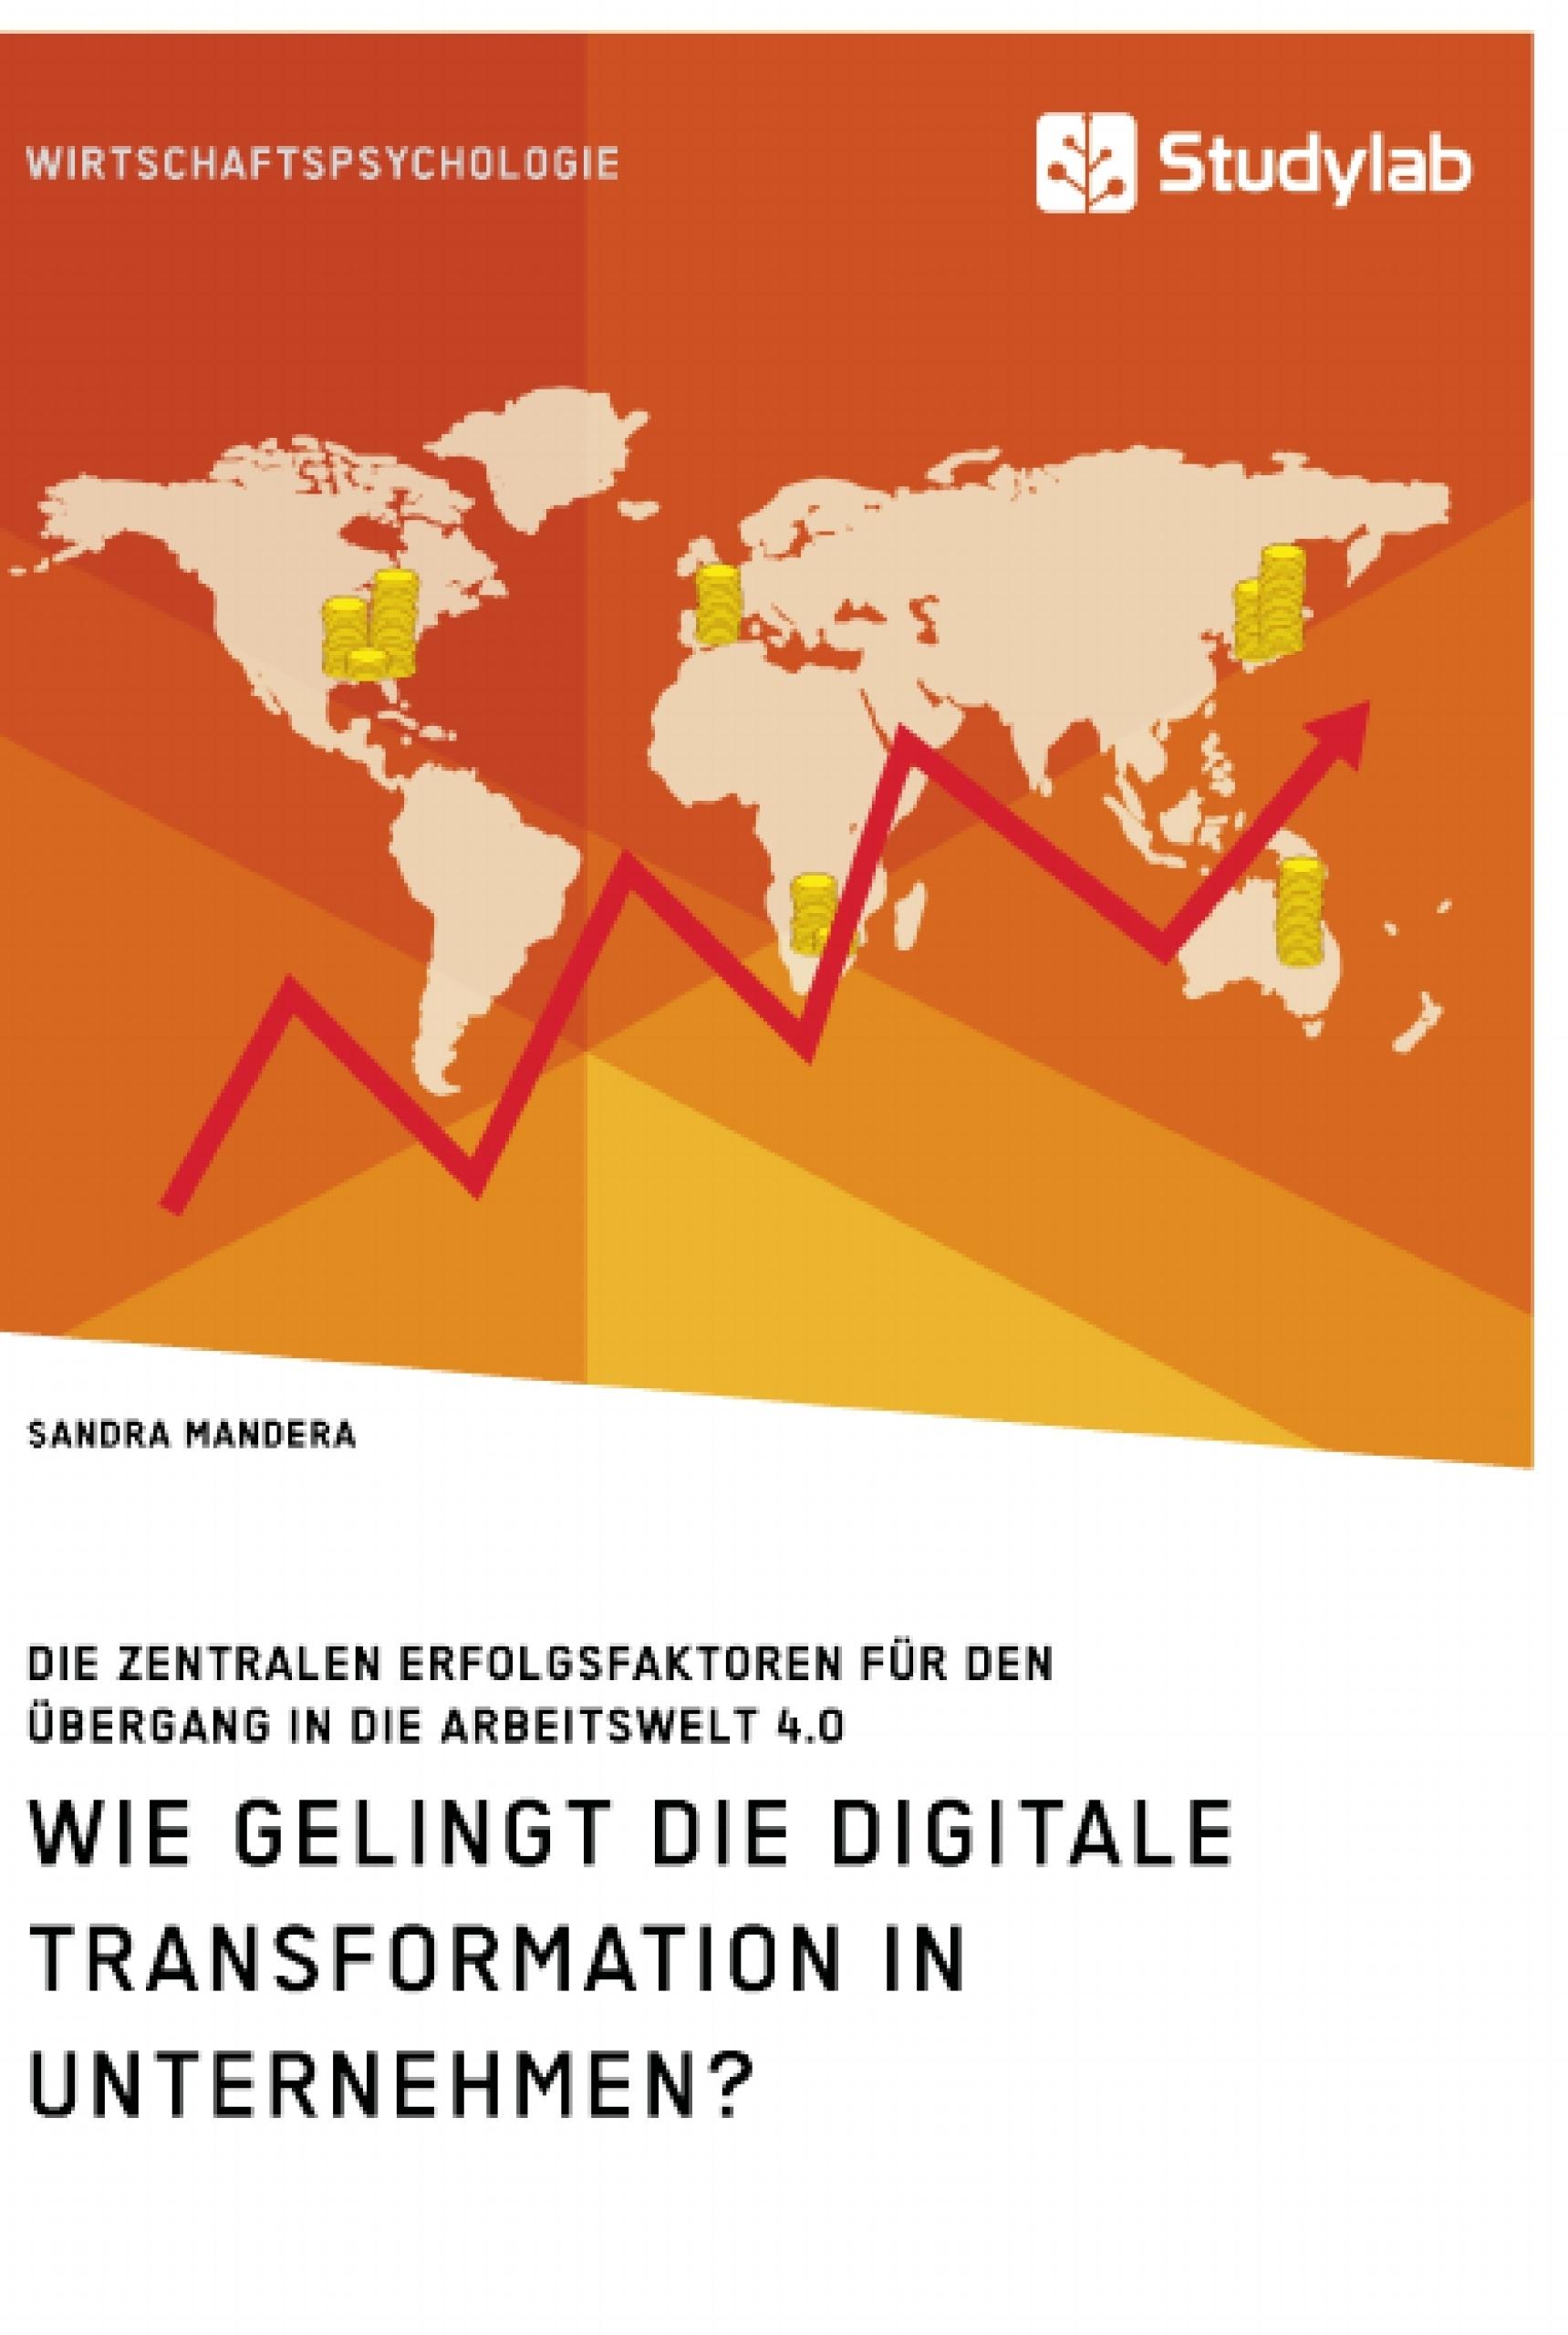 Titel: Wie gelingt die digitale Transformation in Unternehmen? Die zentralen Erfolgsfaktoren für den Übergang in die Arbeitswelt 4.0